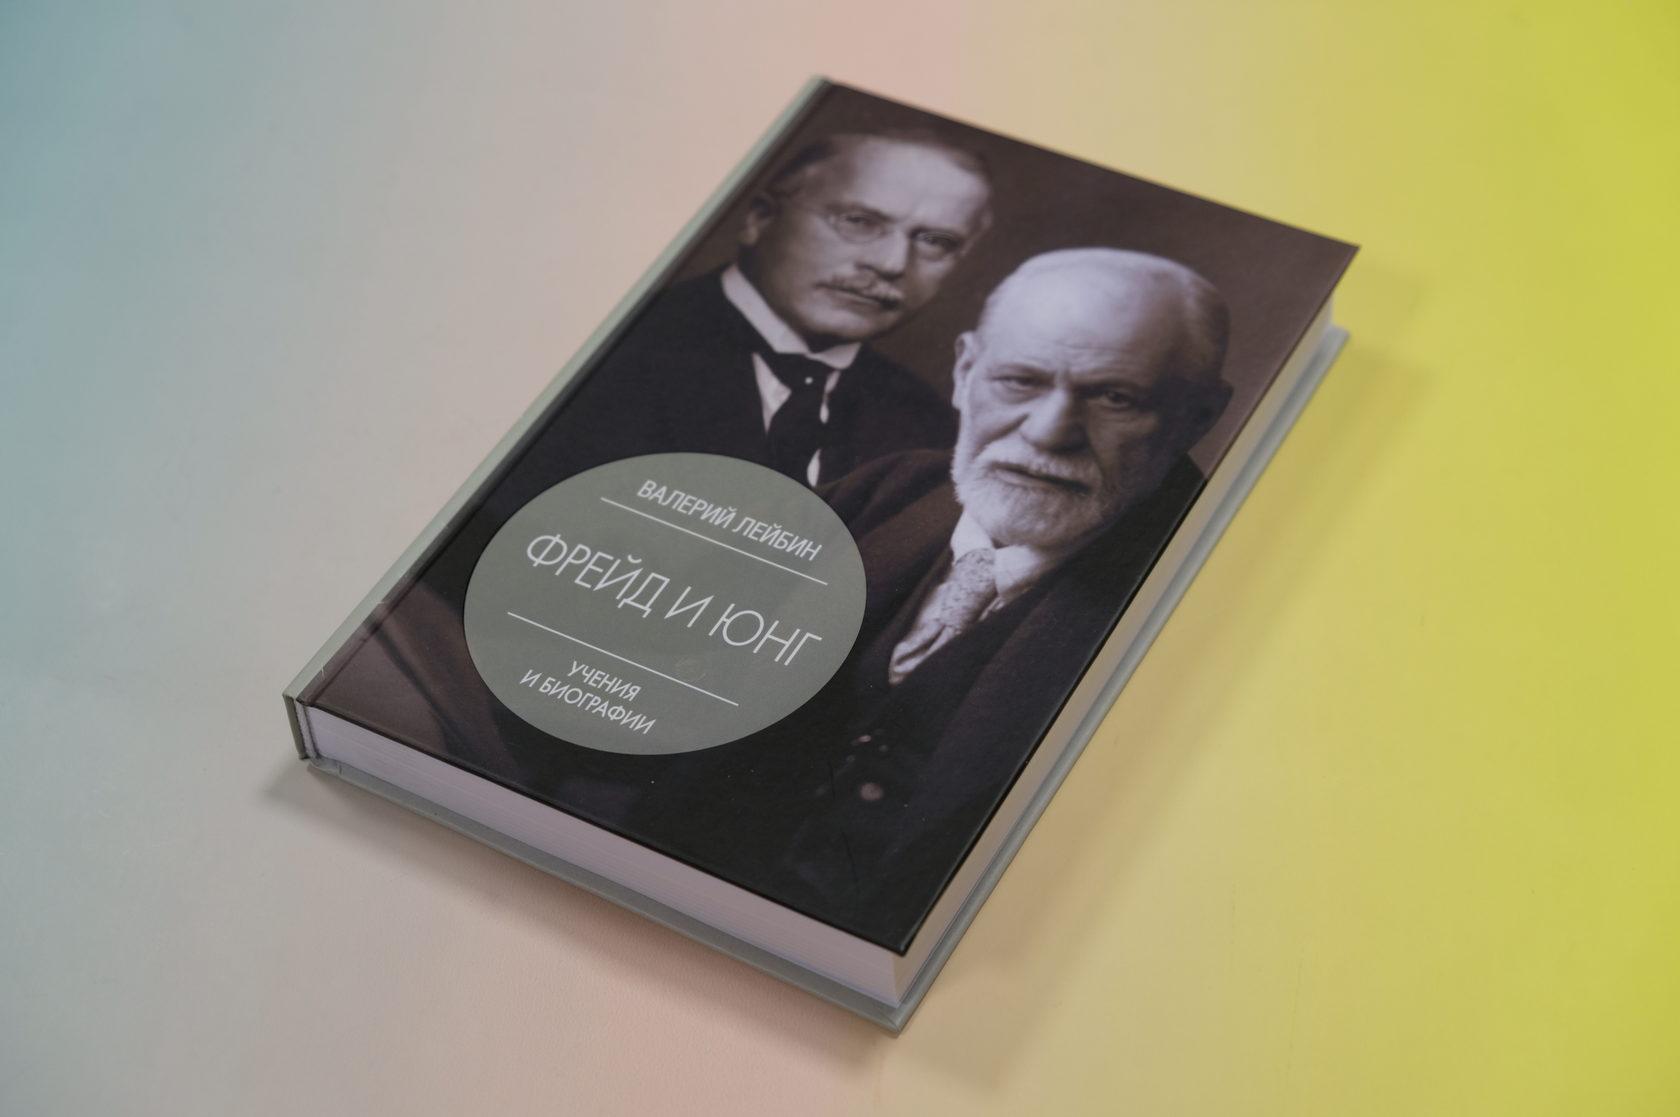 Валерий Лейбин «Фрейд и Юнг. Учения и биографии» 978-5-17-114741-9